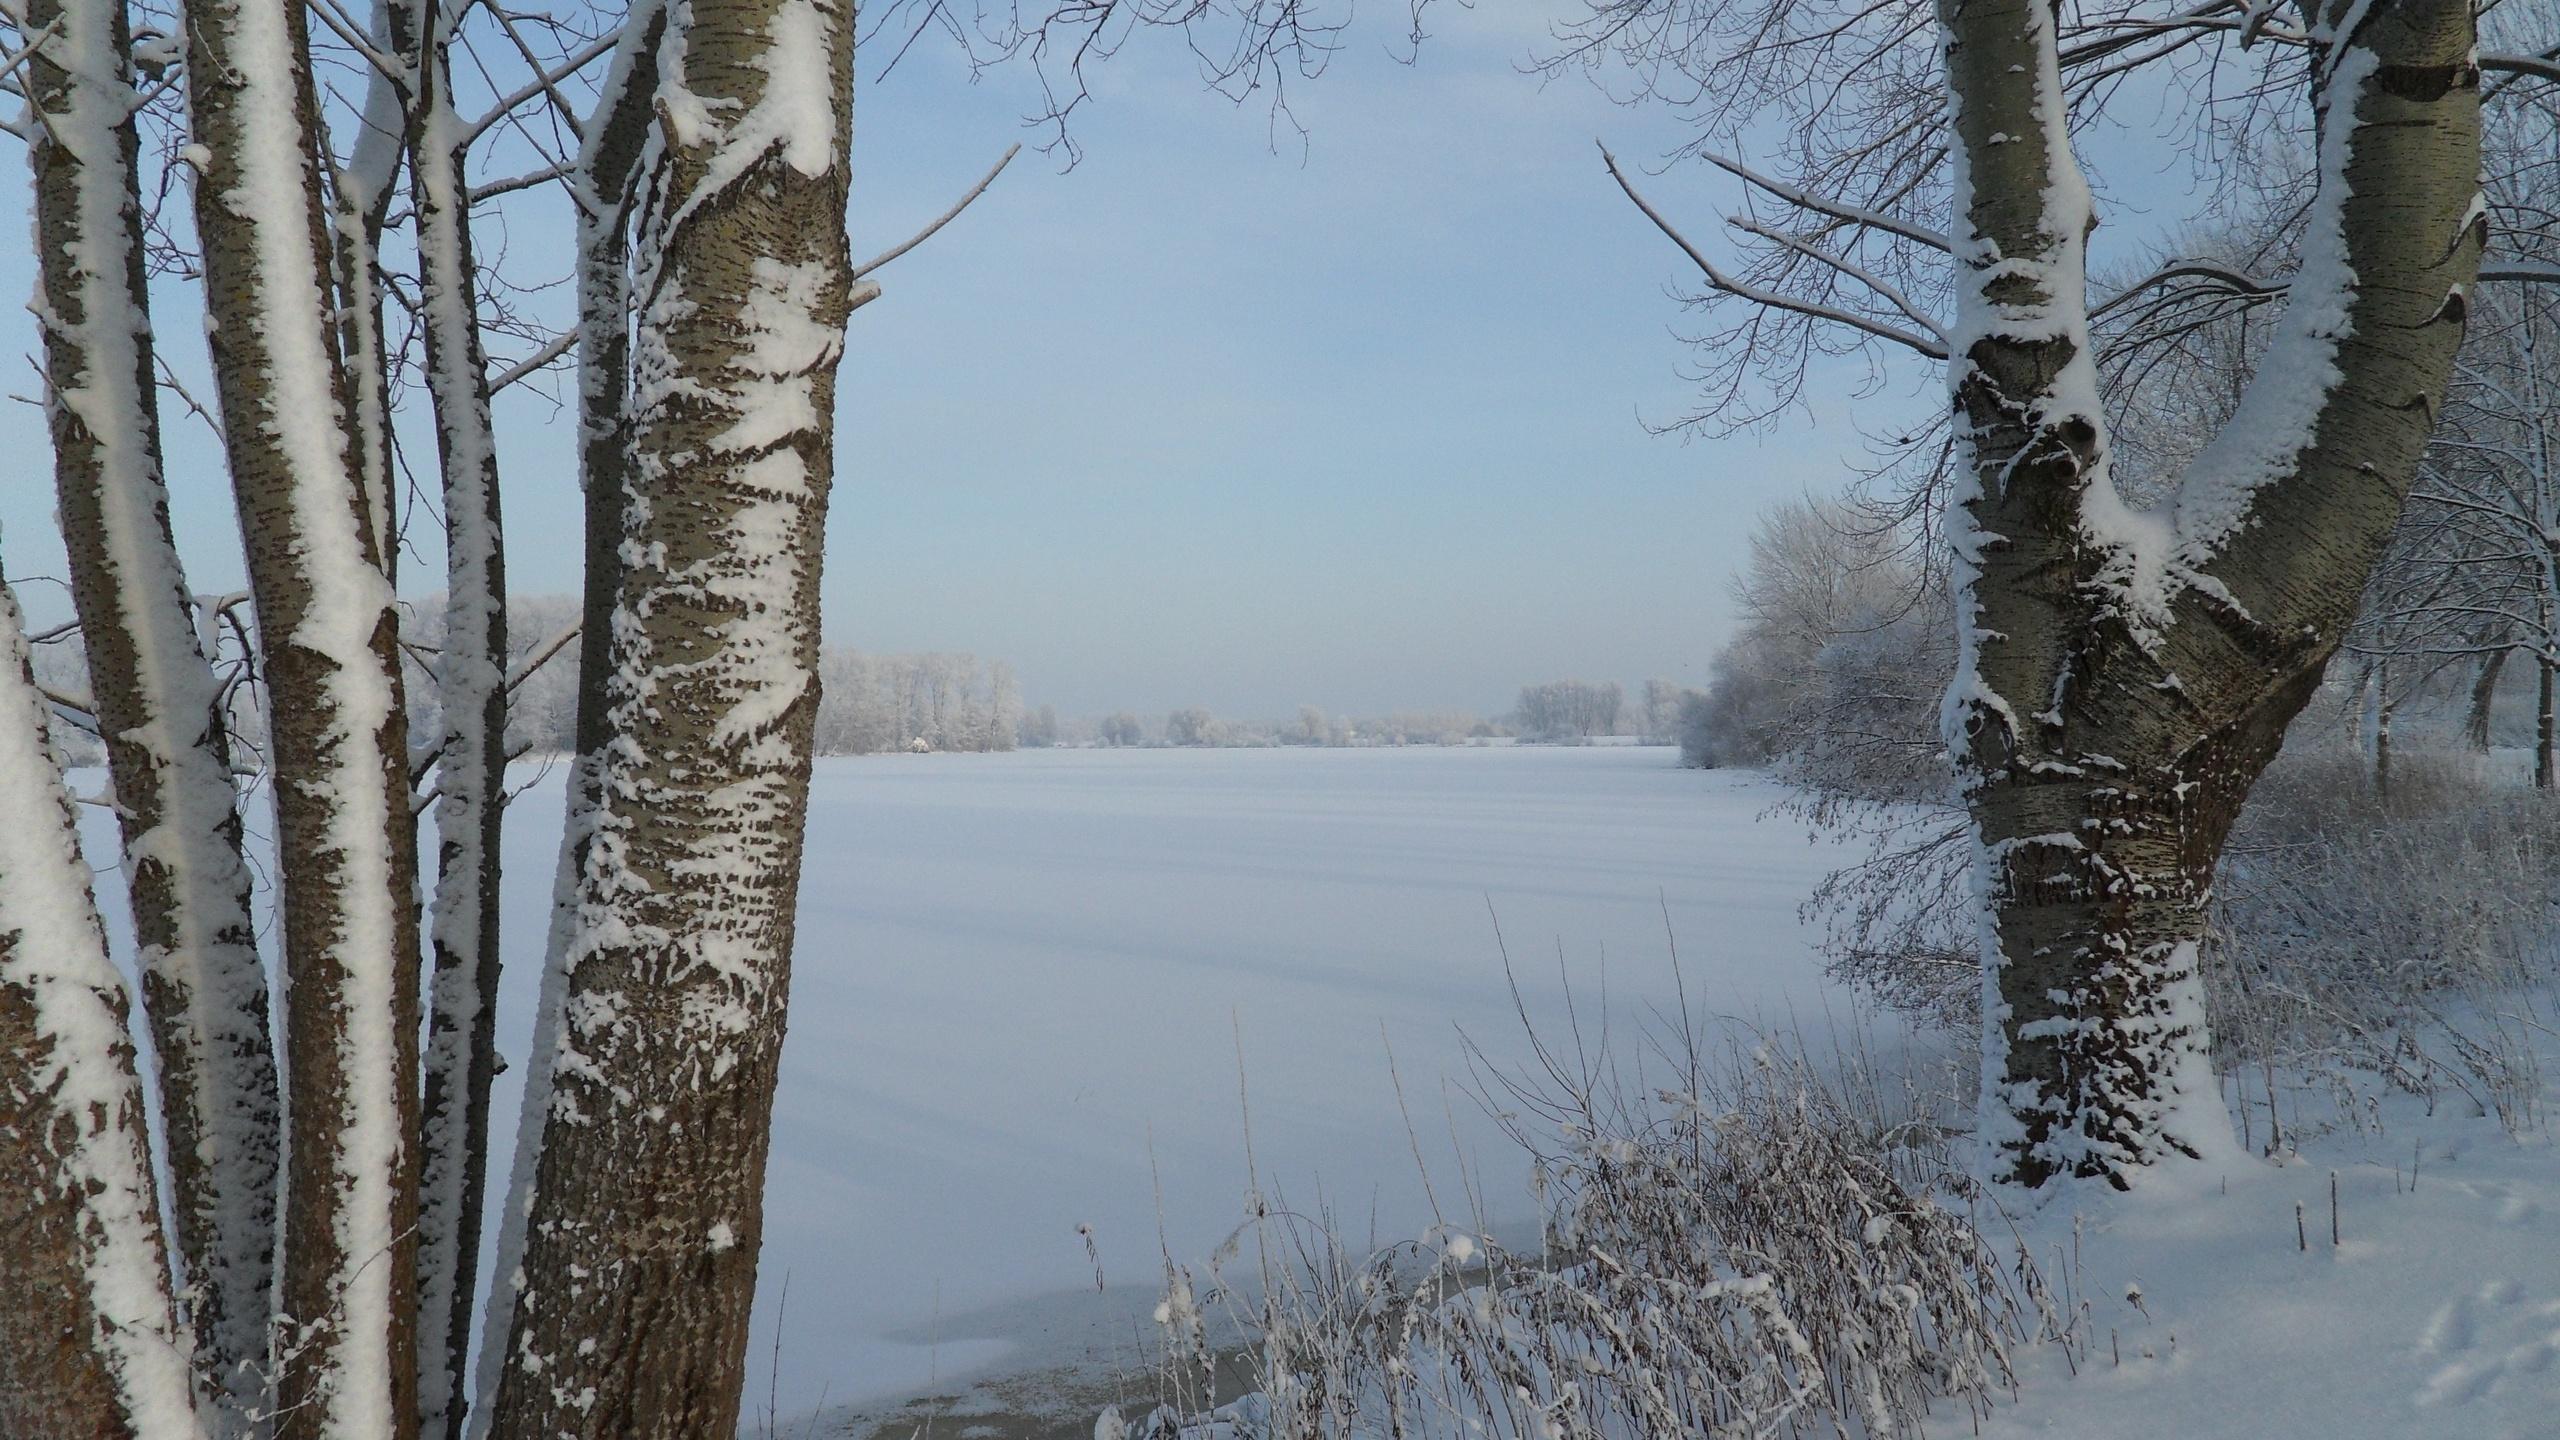 природа, пейзаж, озеро, деревья, трава, зима, снег, следы